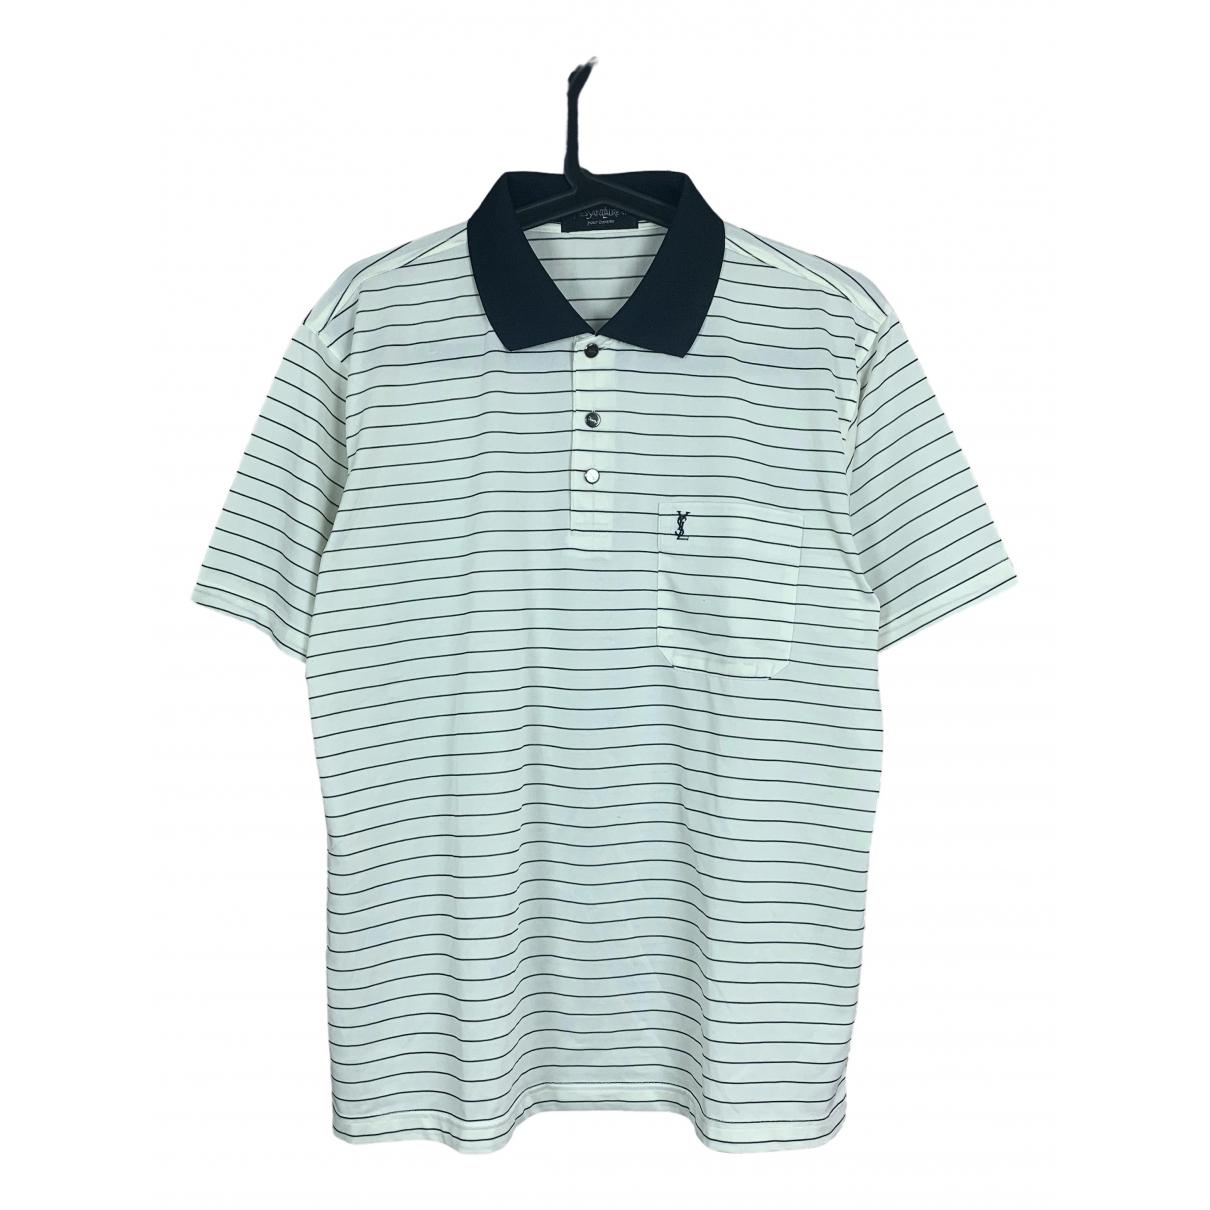 Yves Saint Laurent \N White Silk Polo shirts for Men M International